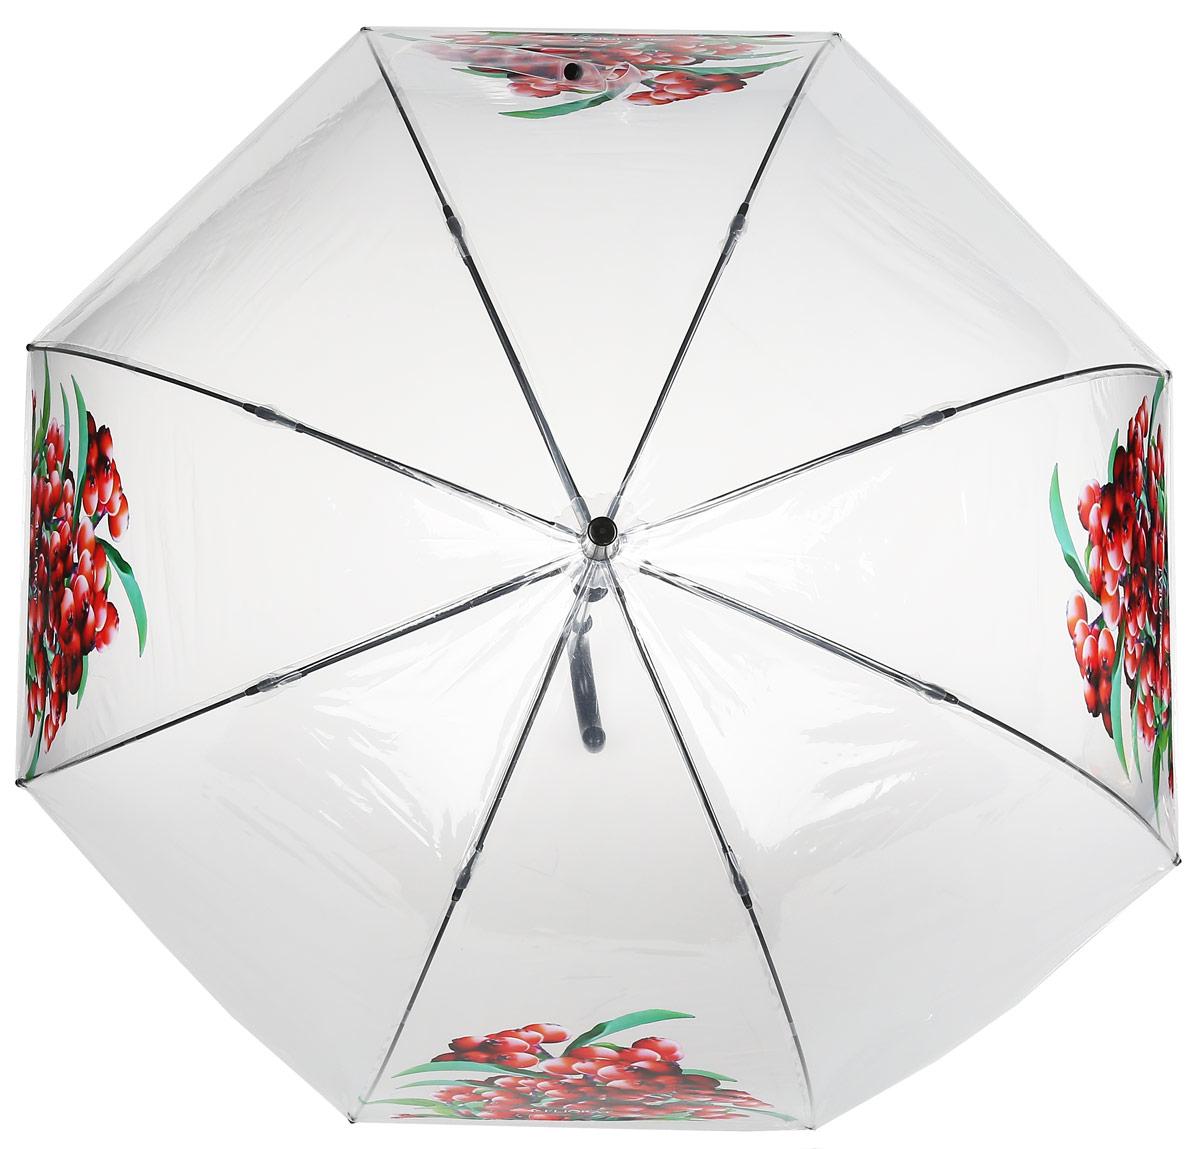 Зонт женский Flioraj, механика, трость, цвет: белый, красный. 121206 FJ121206 FJЭлегантный зонт FJ. Уникальный каркас из анодированной стали, карбоновые спицы помогут выдержать натиск ураганного ветра. Улучшенный механизм зонта, максимально комфортная ручка держателя, увеличенный в длину стержень, тефлоновая пропитка материала купола - совершенство конструкции с изысканностью изделия на фоне конкурентоспособной цены.